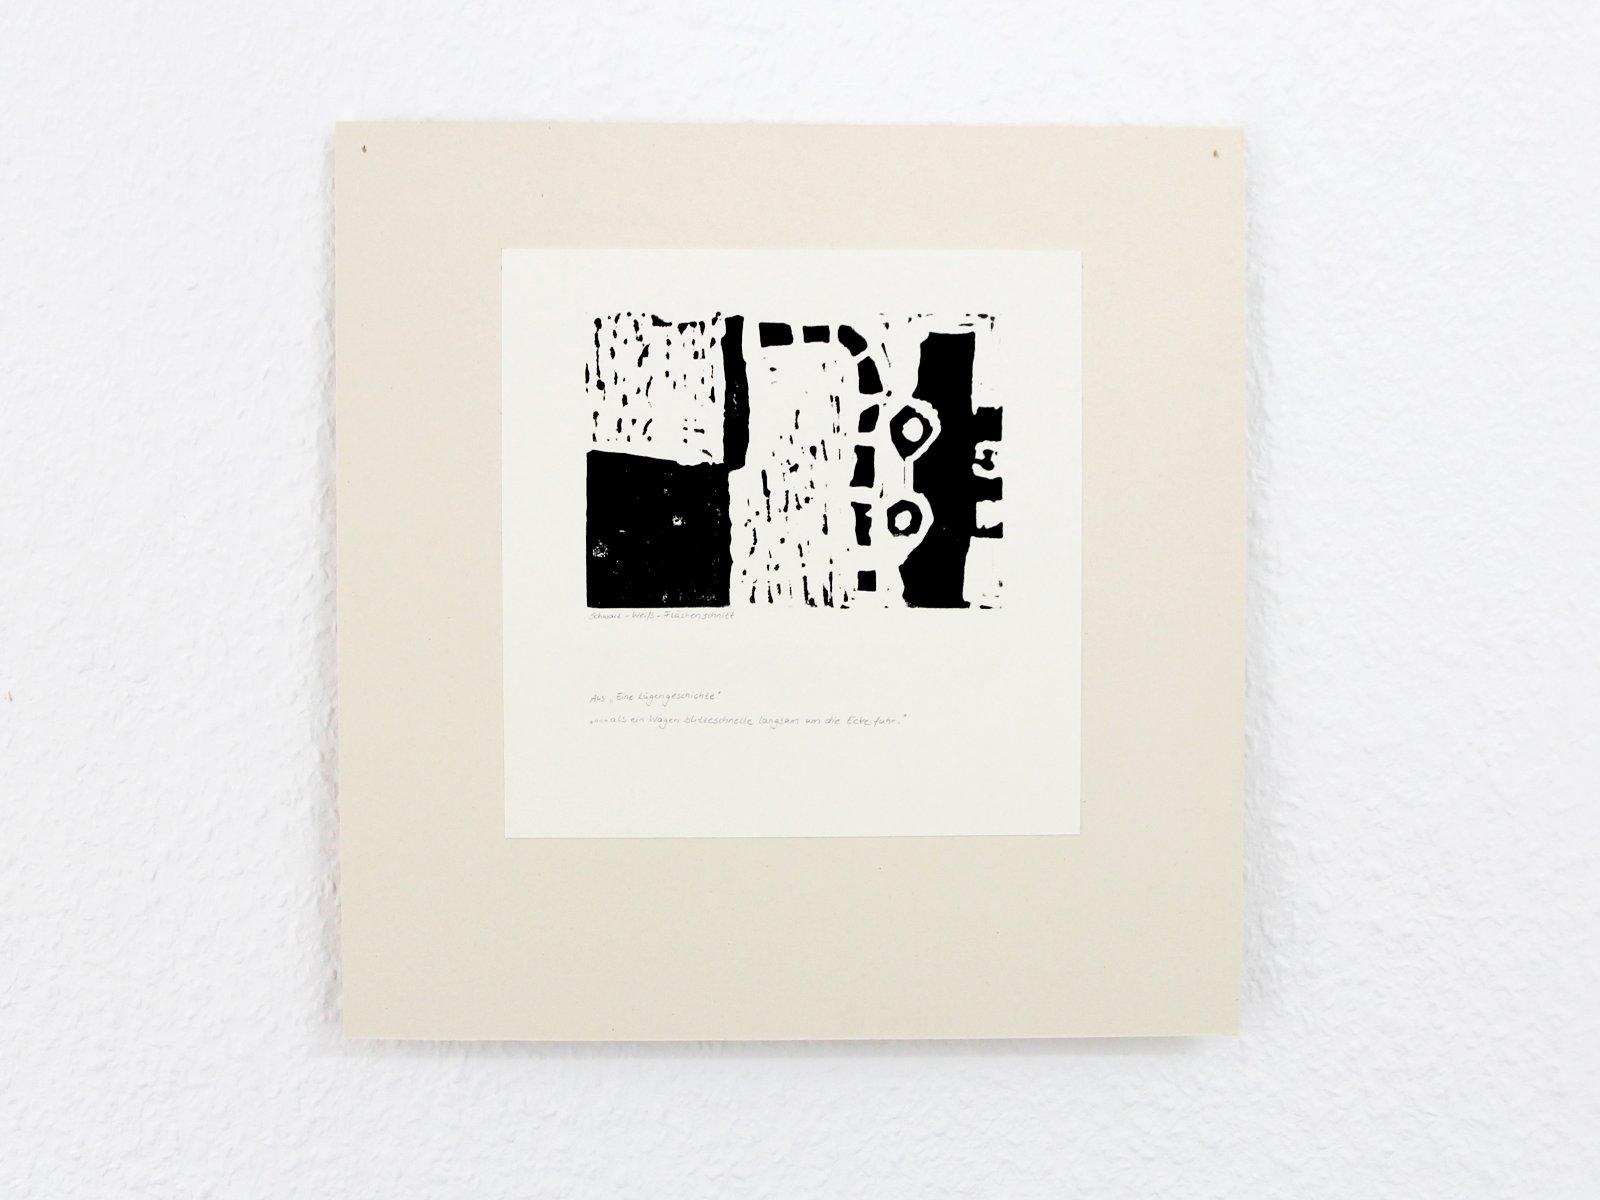 Kunstgespuer Kinderatelier-Ausstellung-Fantasievolle-Druckgrafik-Plastik Luegengeschichte 4